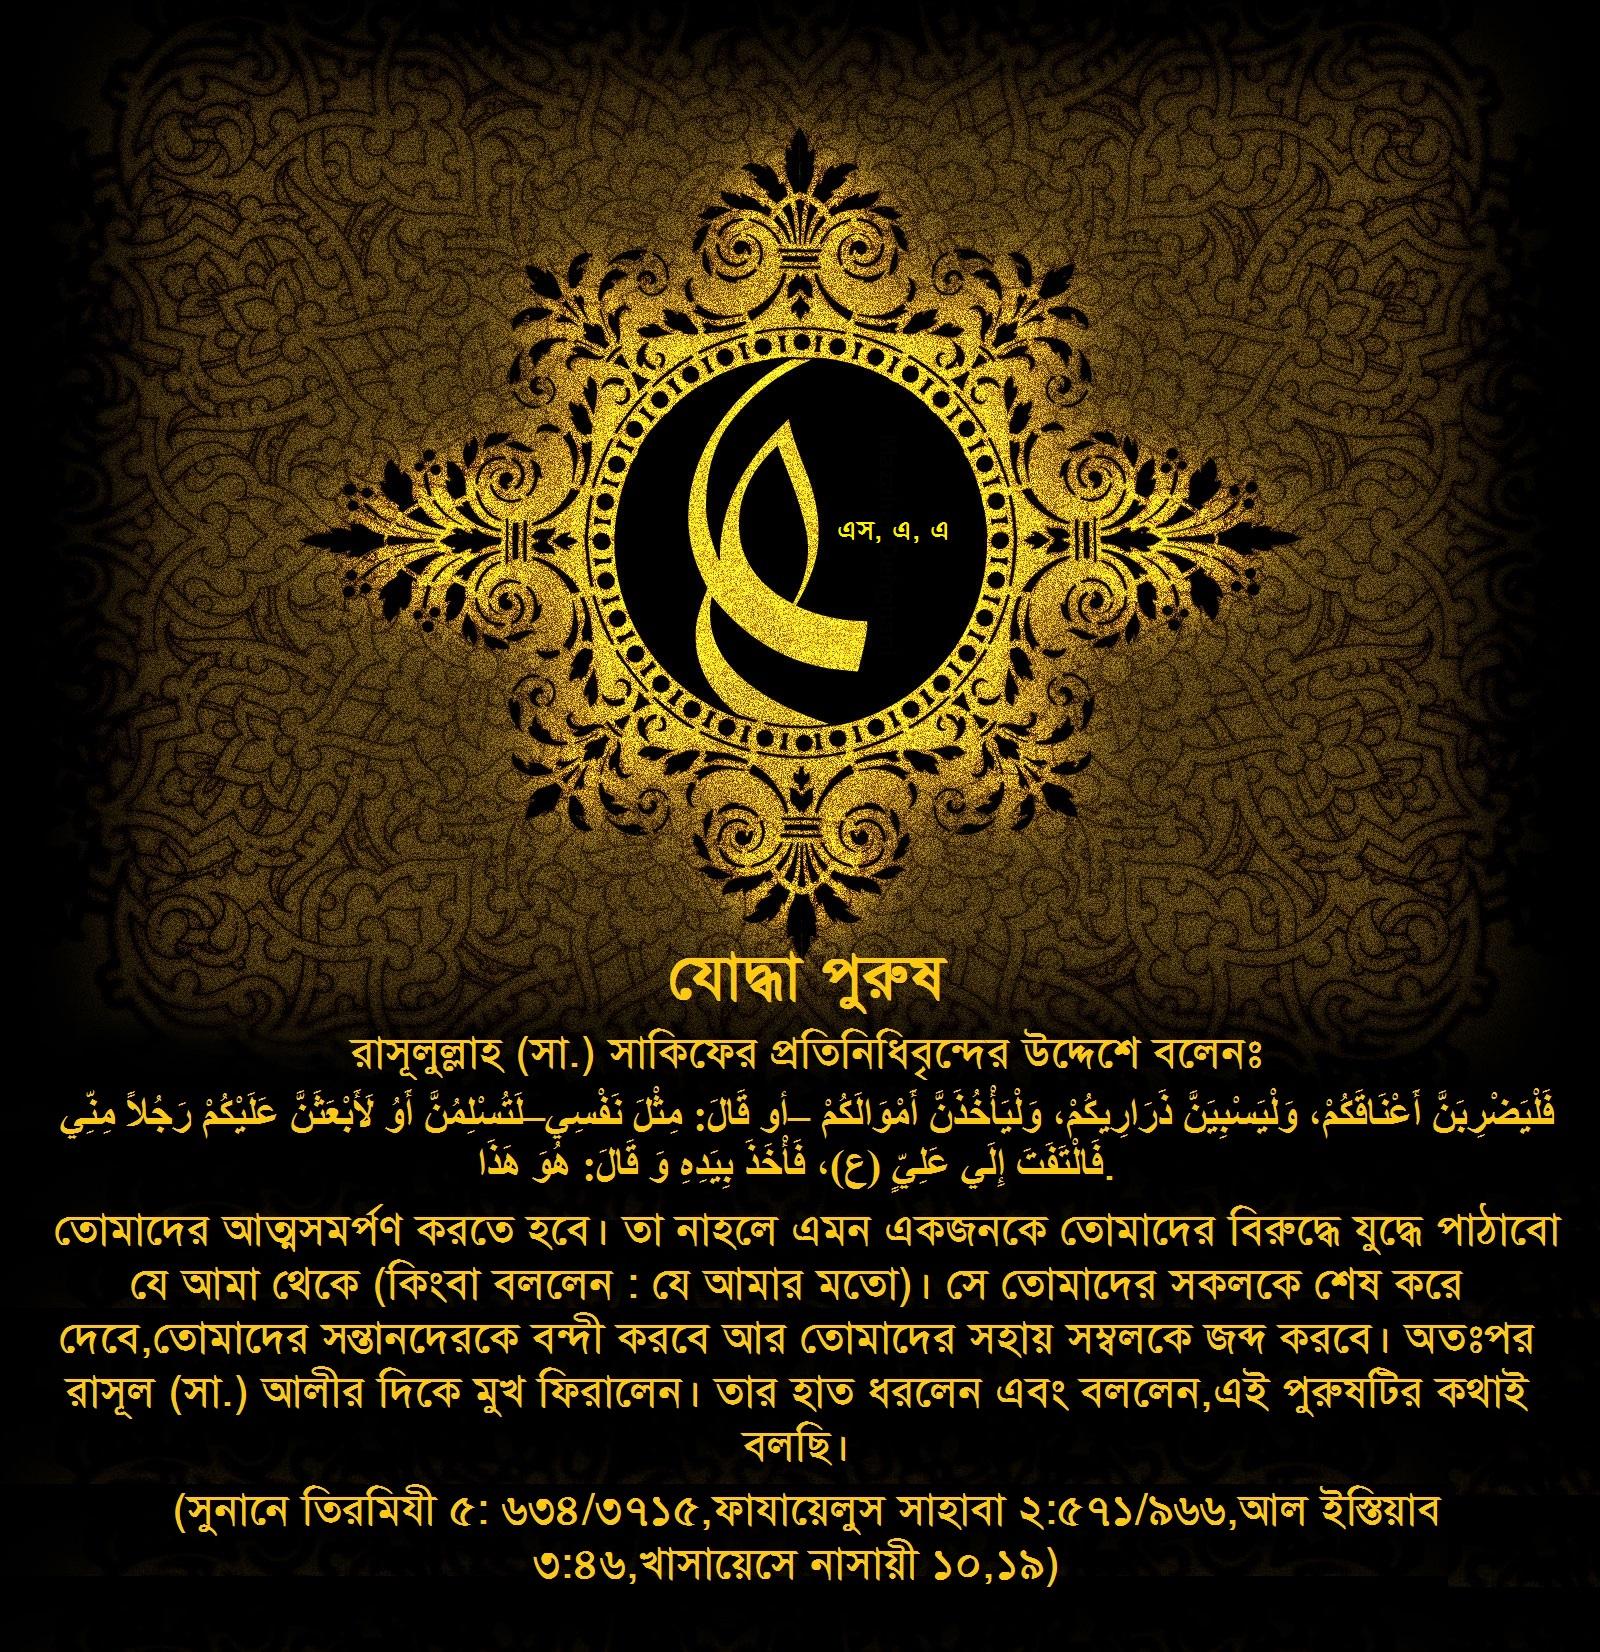 ইমাম আলী, হজরত আলী, মওলা আলী,  হাদীস, ইসলামী পোষ্টার, নাজাফ, গাদ্বির, খায়বার, জামালের যুদ্ধ, সিফফিনের যুদ্ধ, খারেজি,